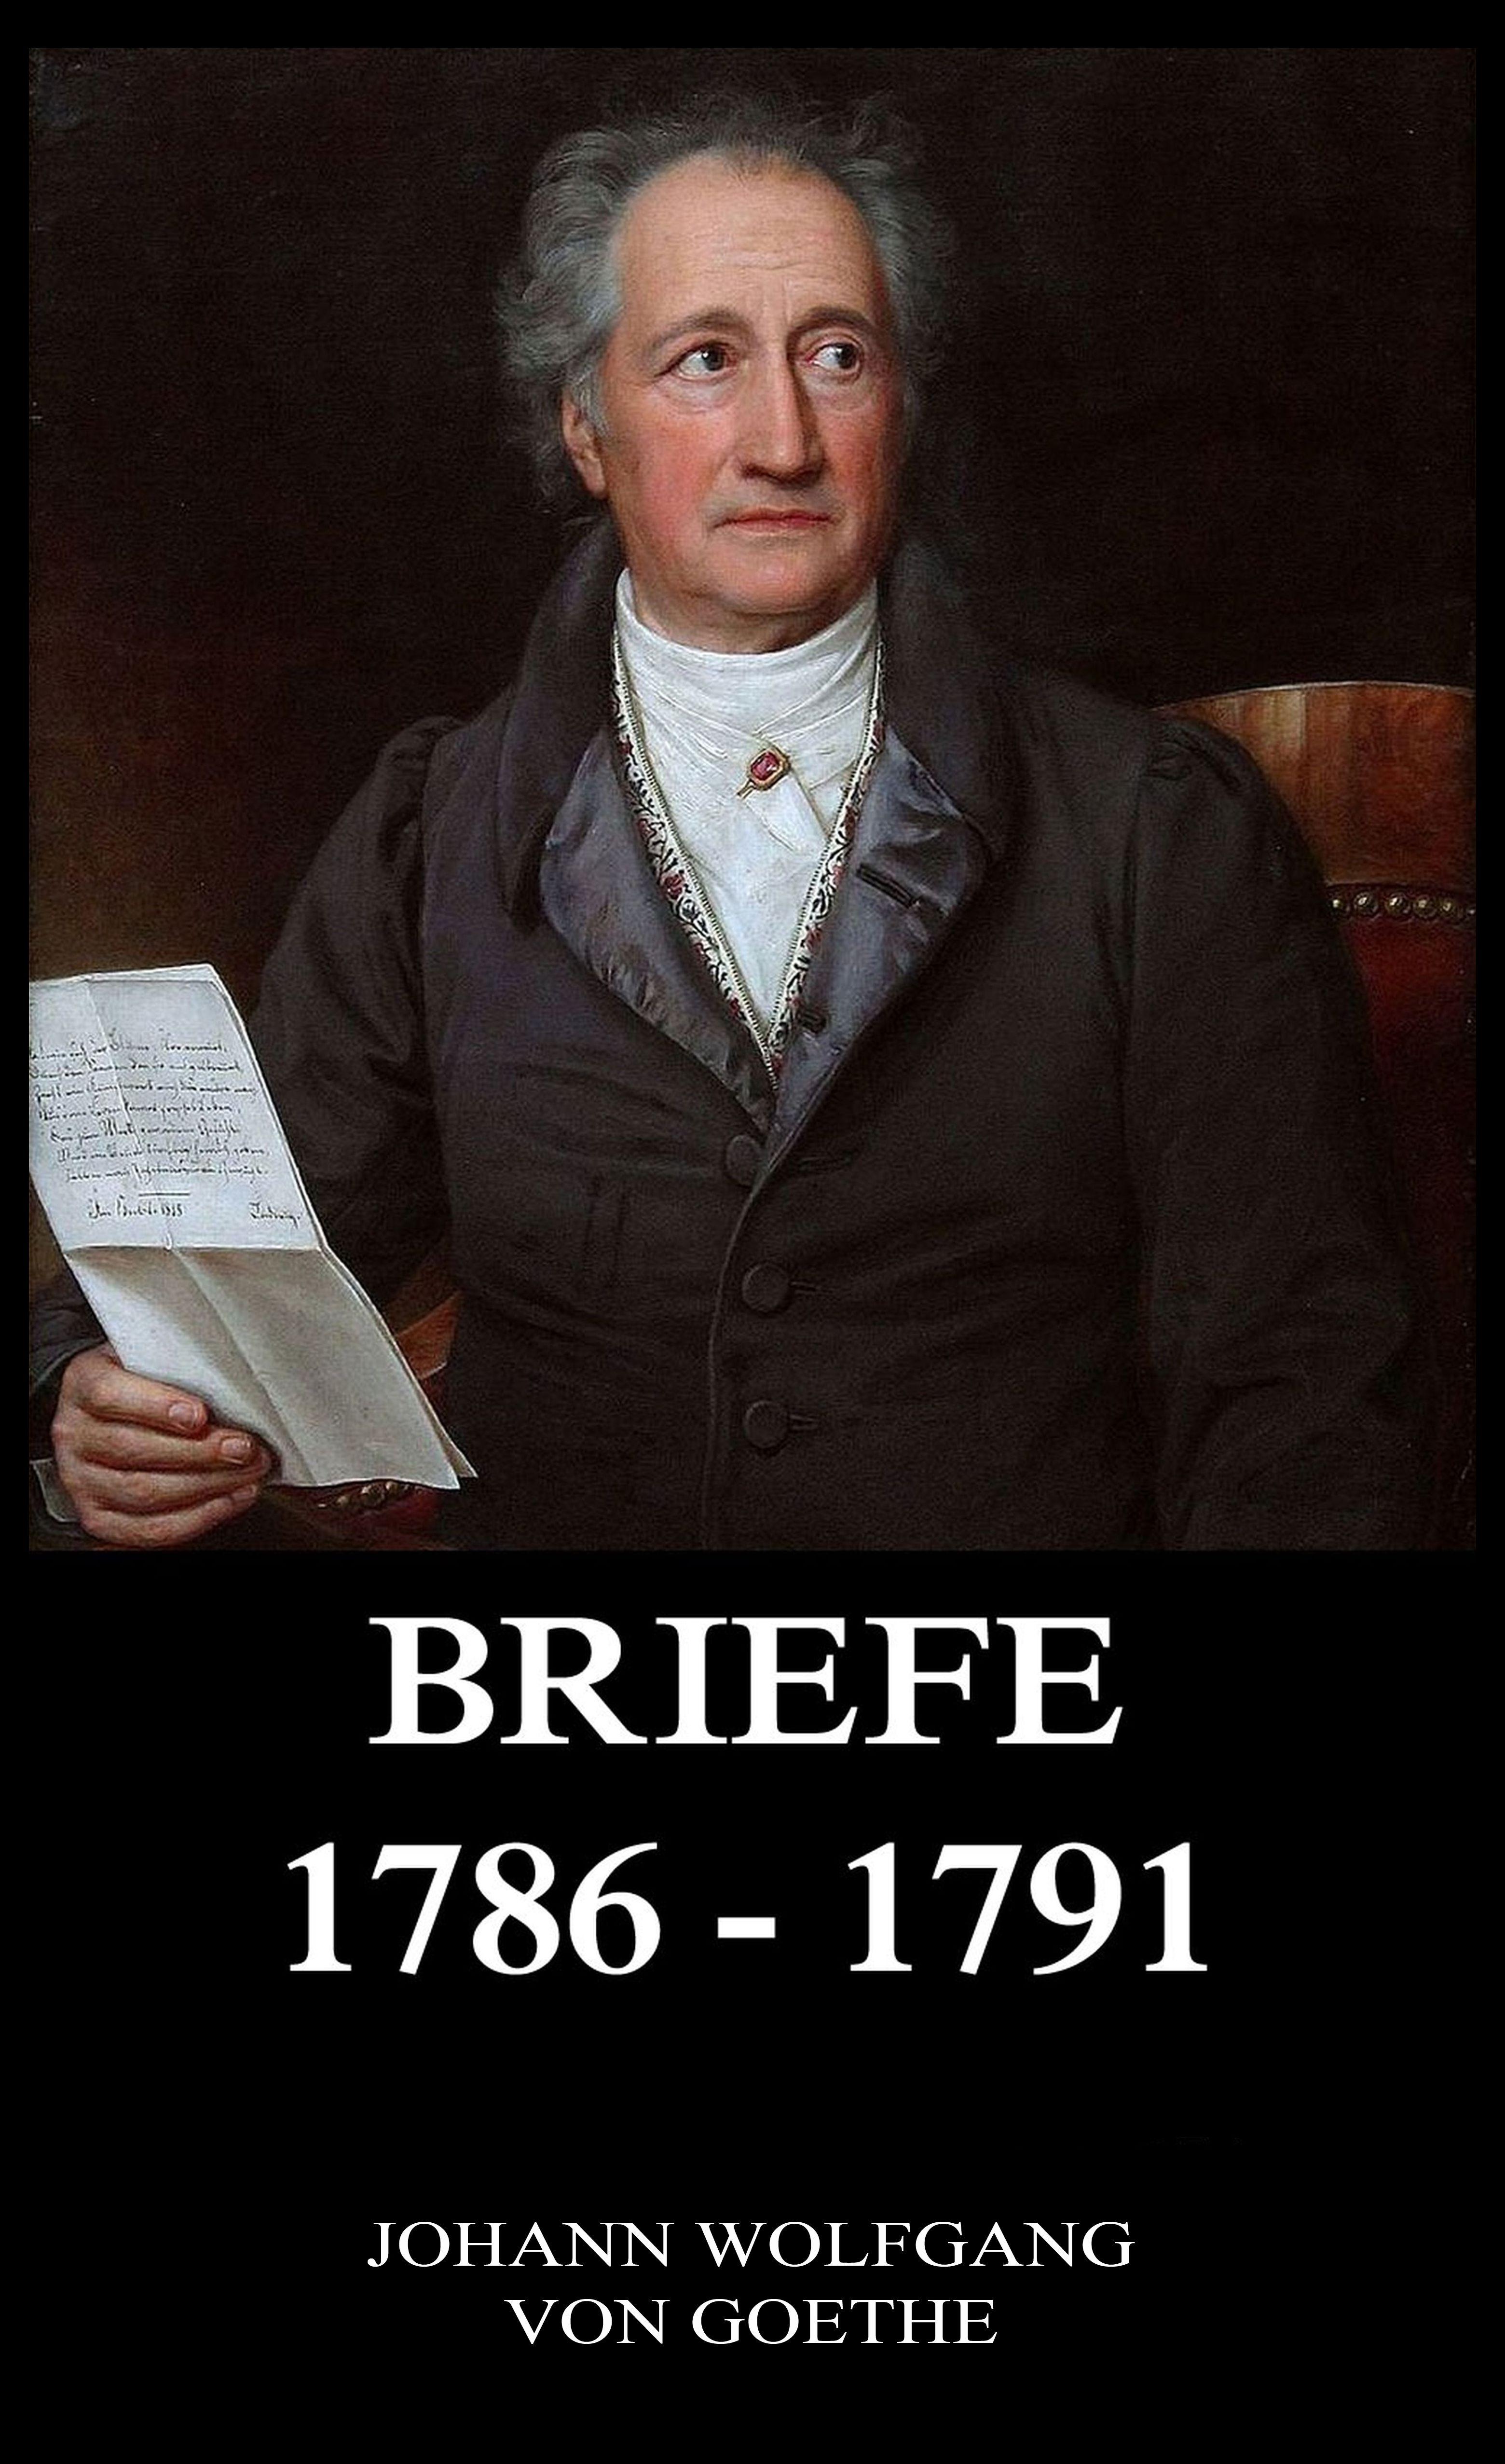 Johann Wolfgang von Goethe Briefe 1786 - 1791